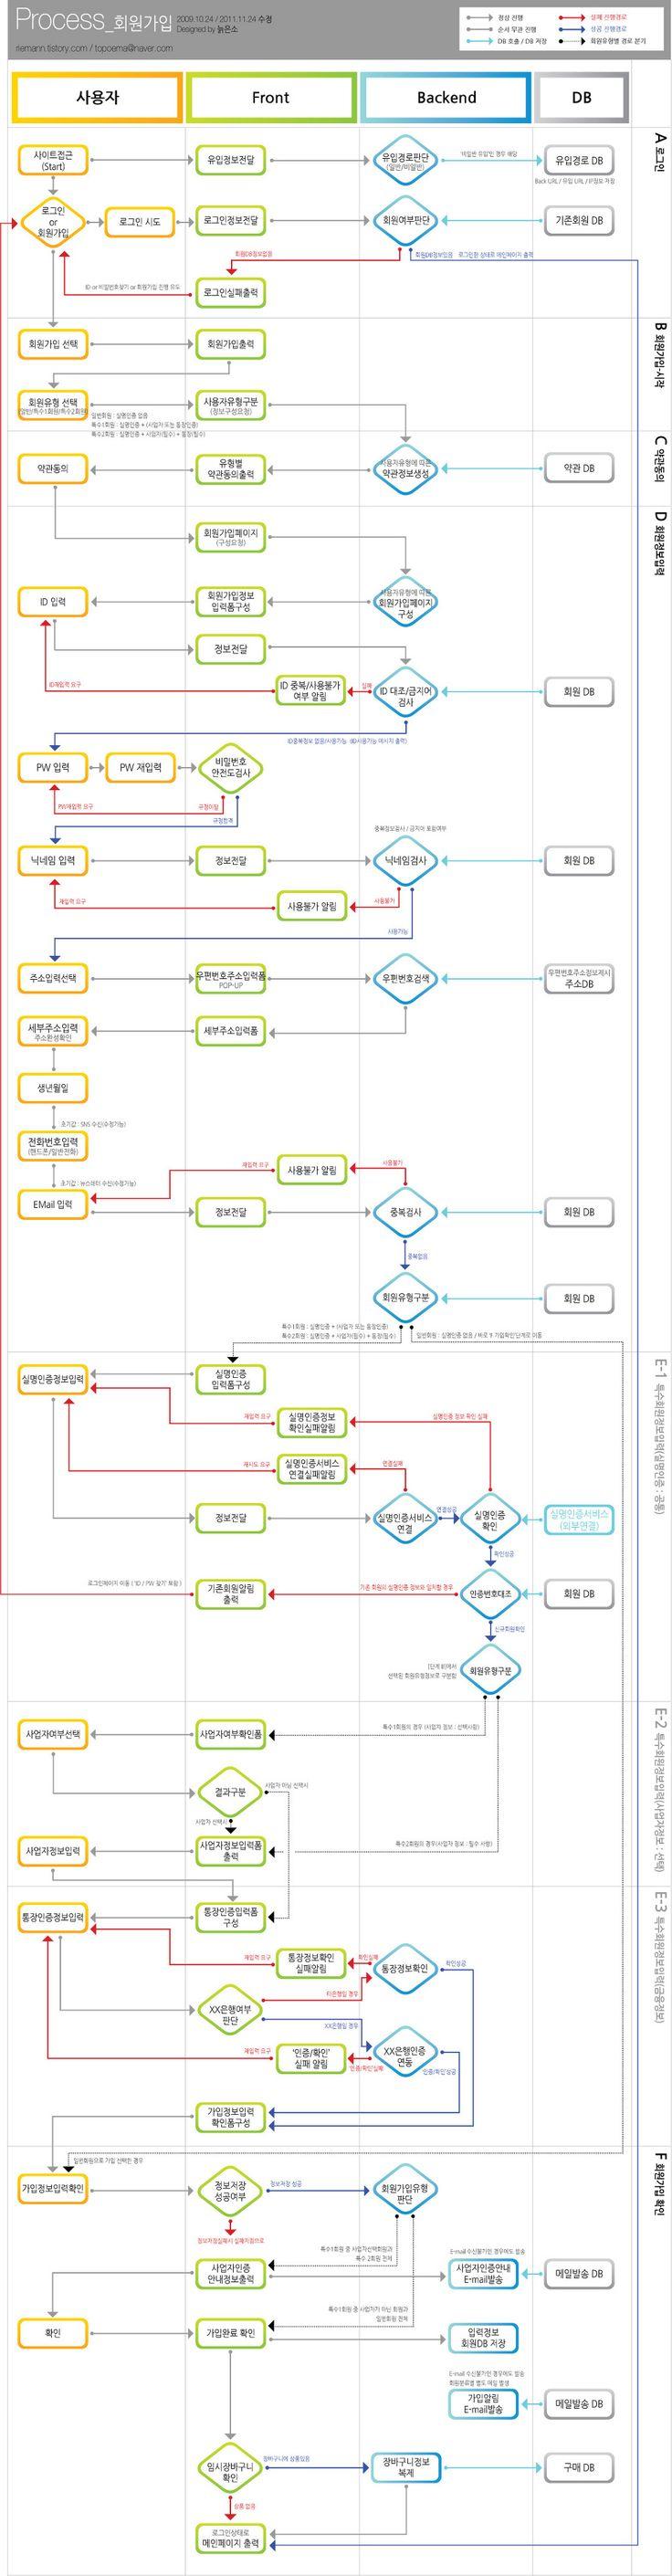 회원가입 프로세스 맵 (Process map : Time Scenario) 2011 버전 ^^